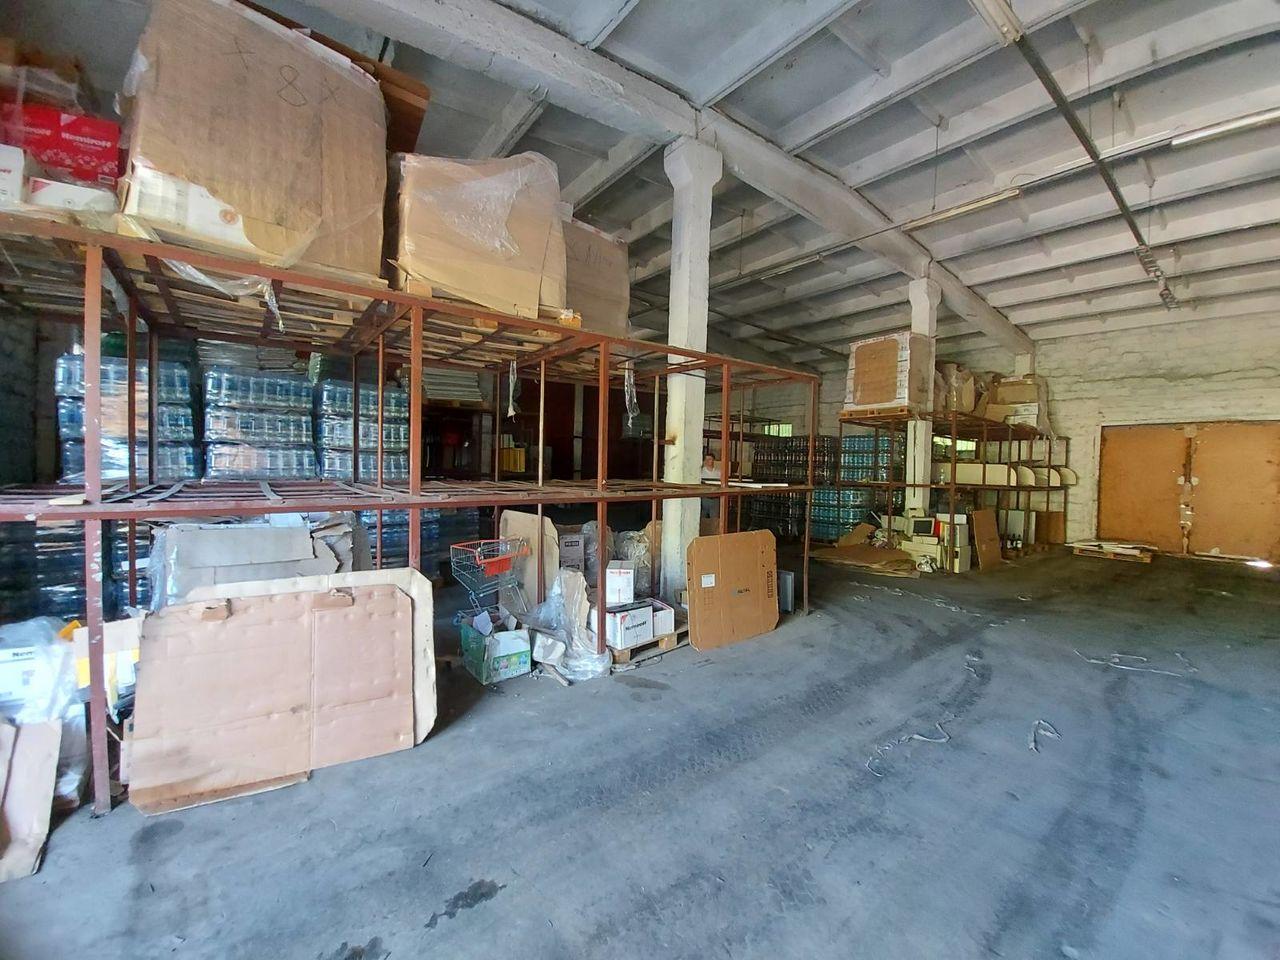 Spre chirie depozit 500 m2 cu rampă str. petricani